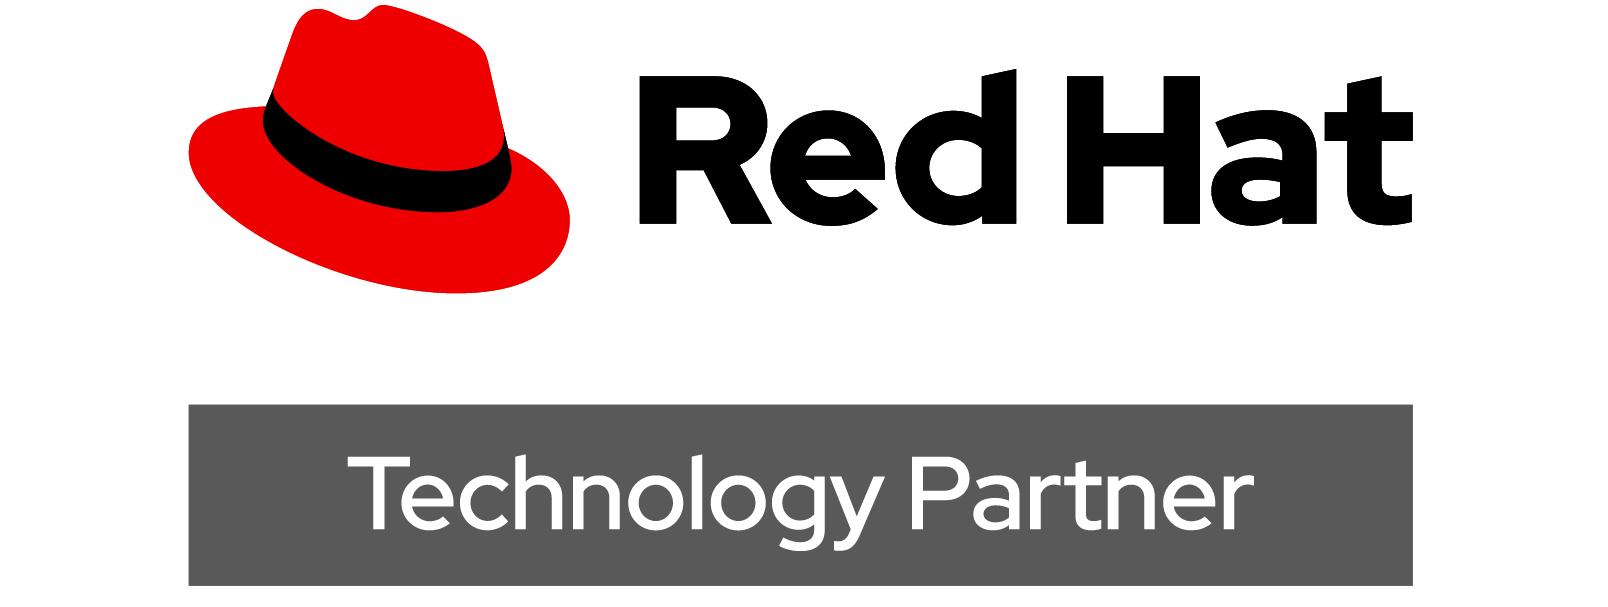 red hat partner logo3